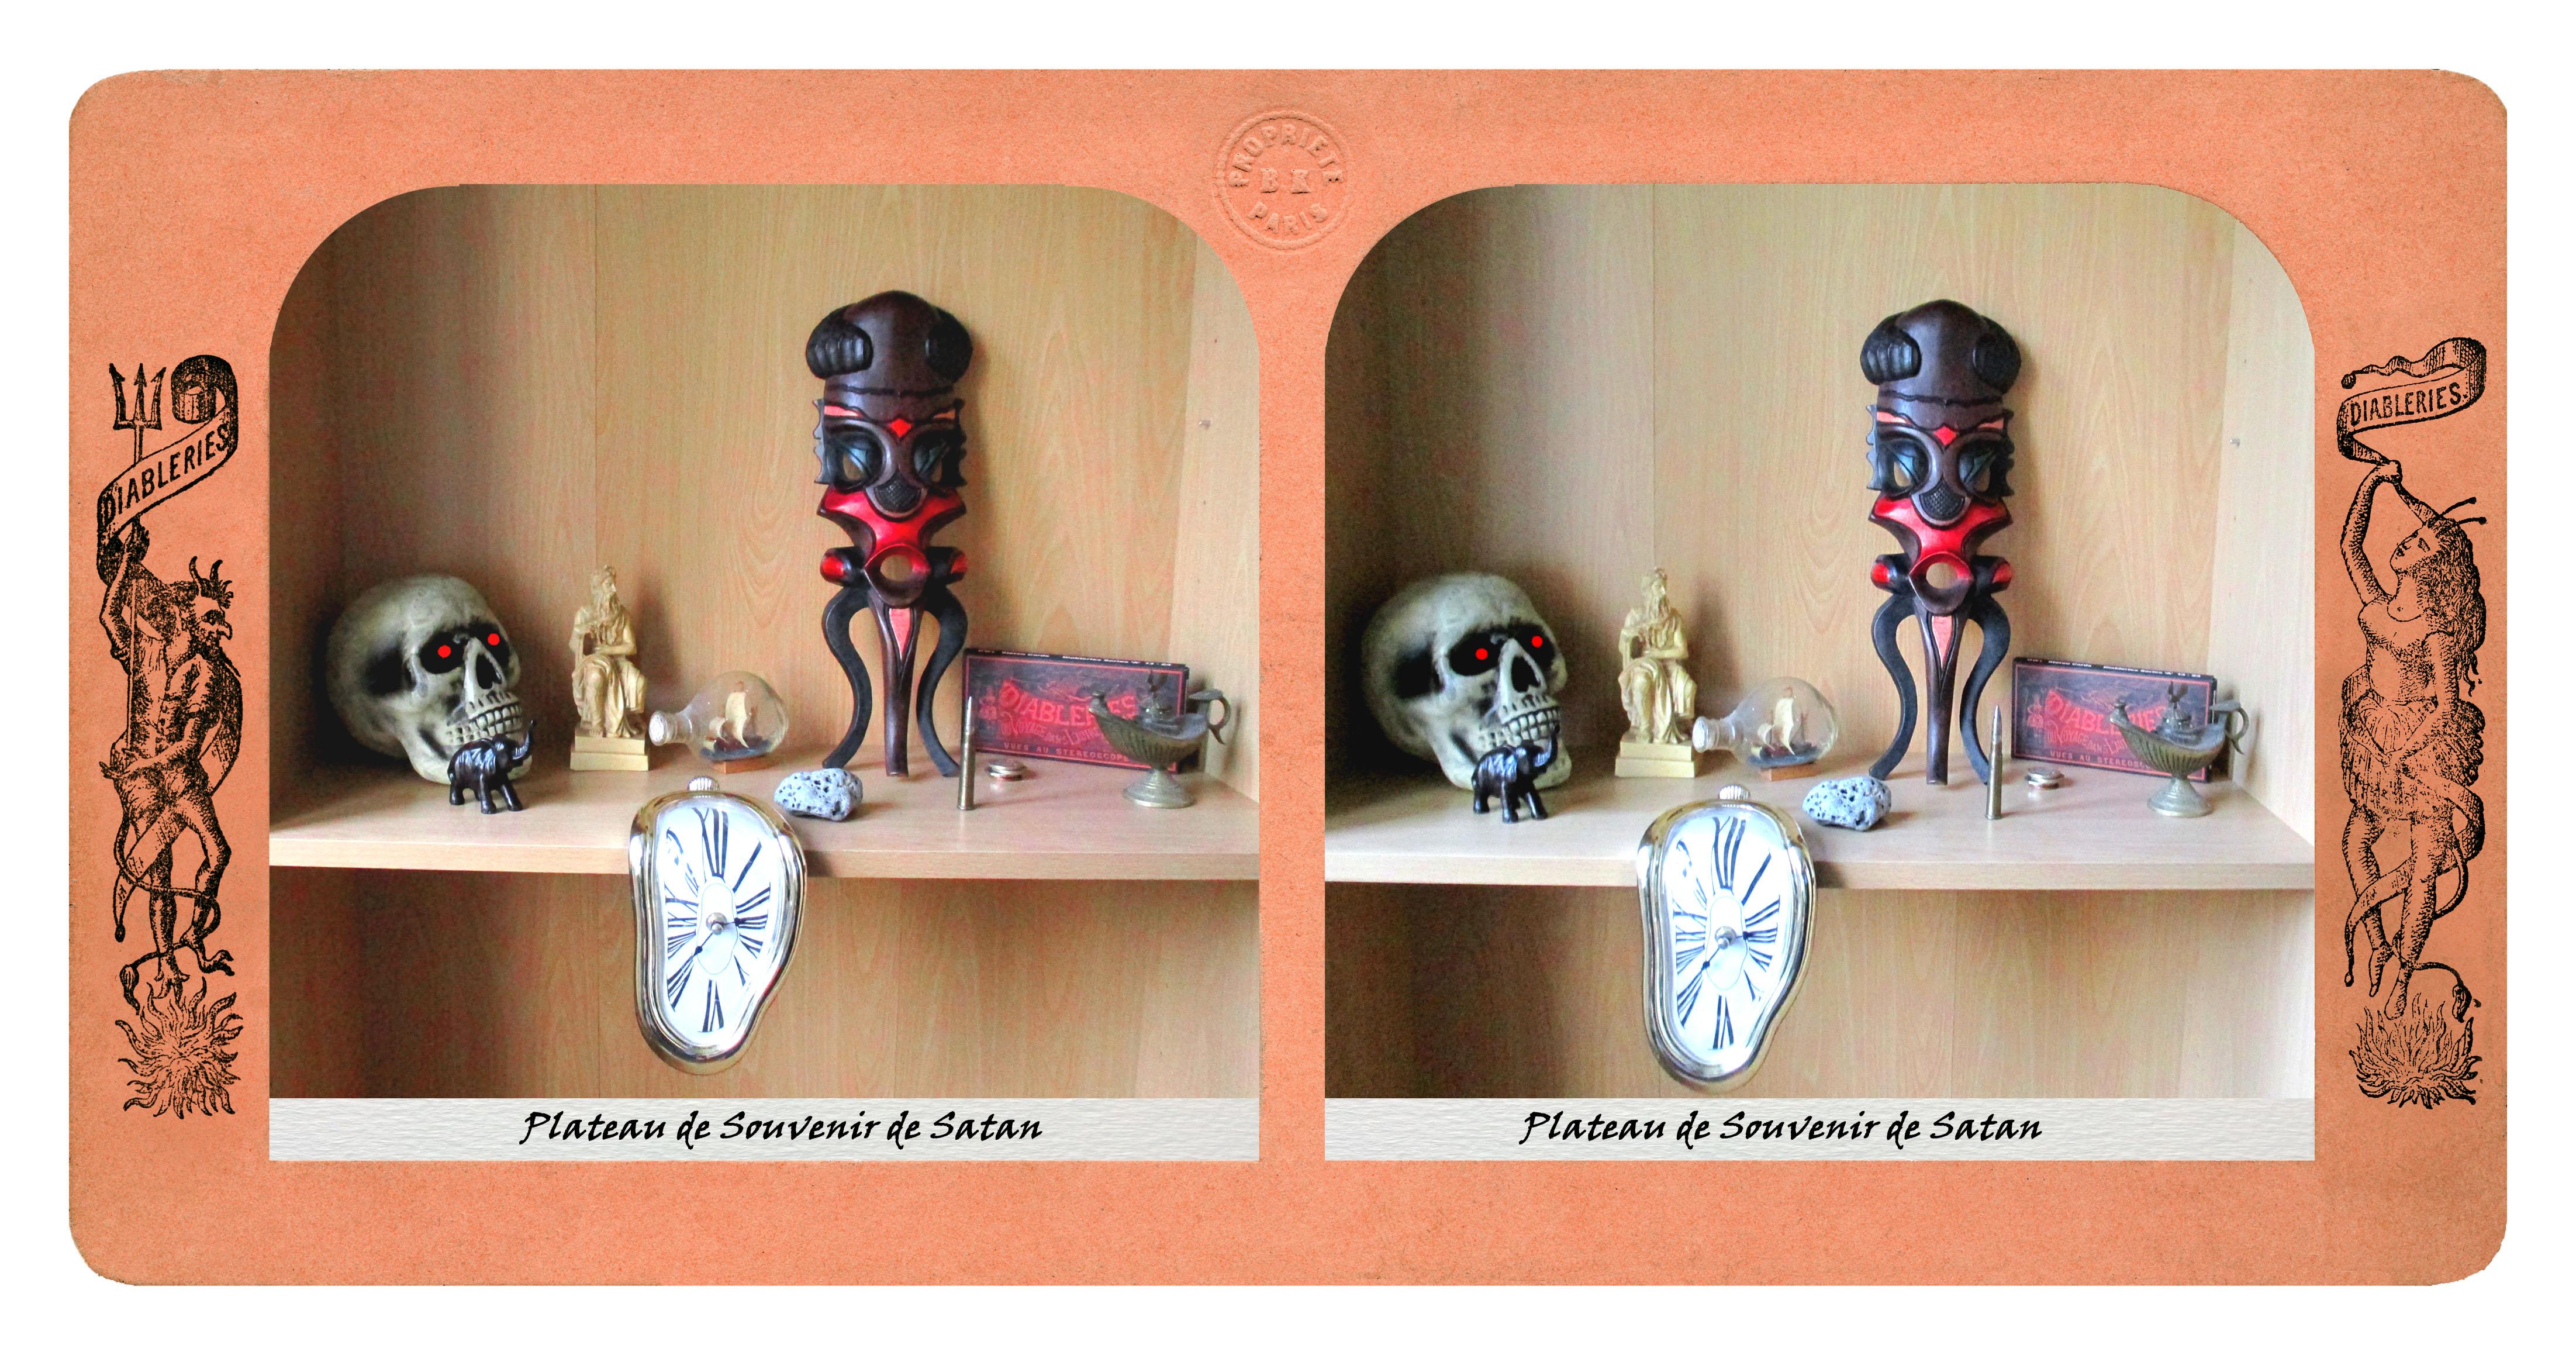 008-Sam Geden-Plateau de Souvenir de Satan Official Entry